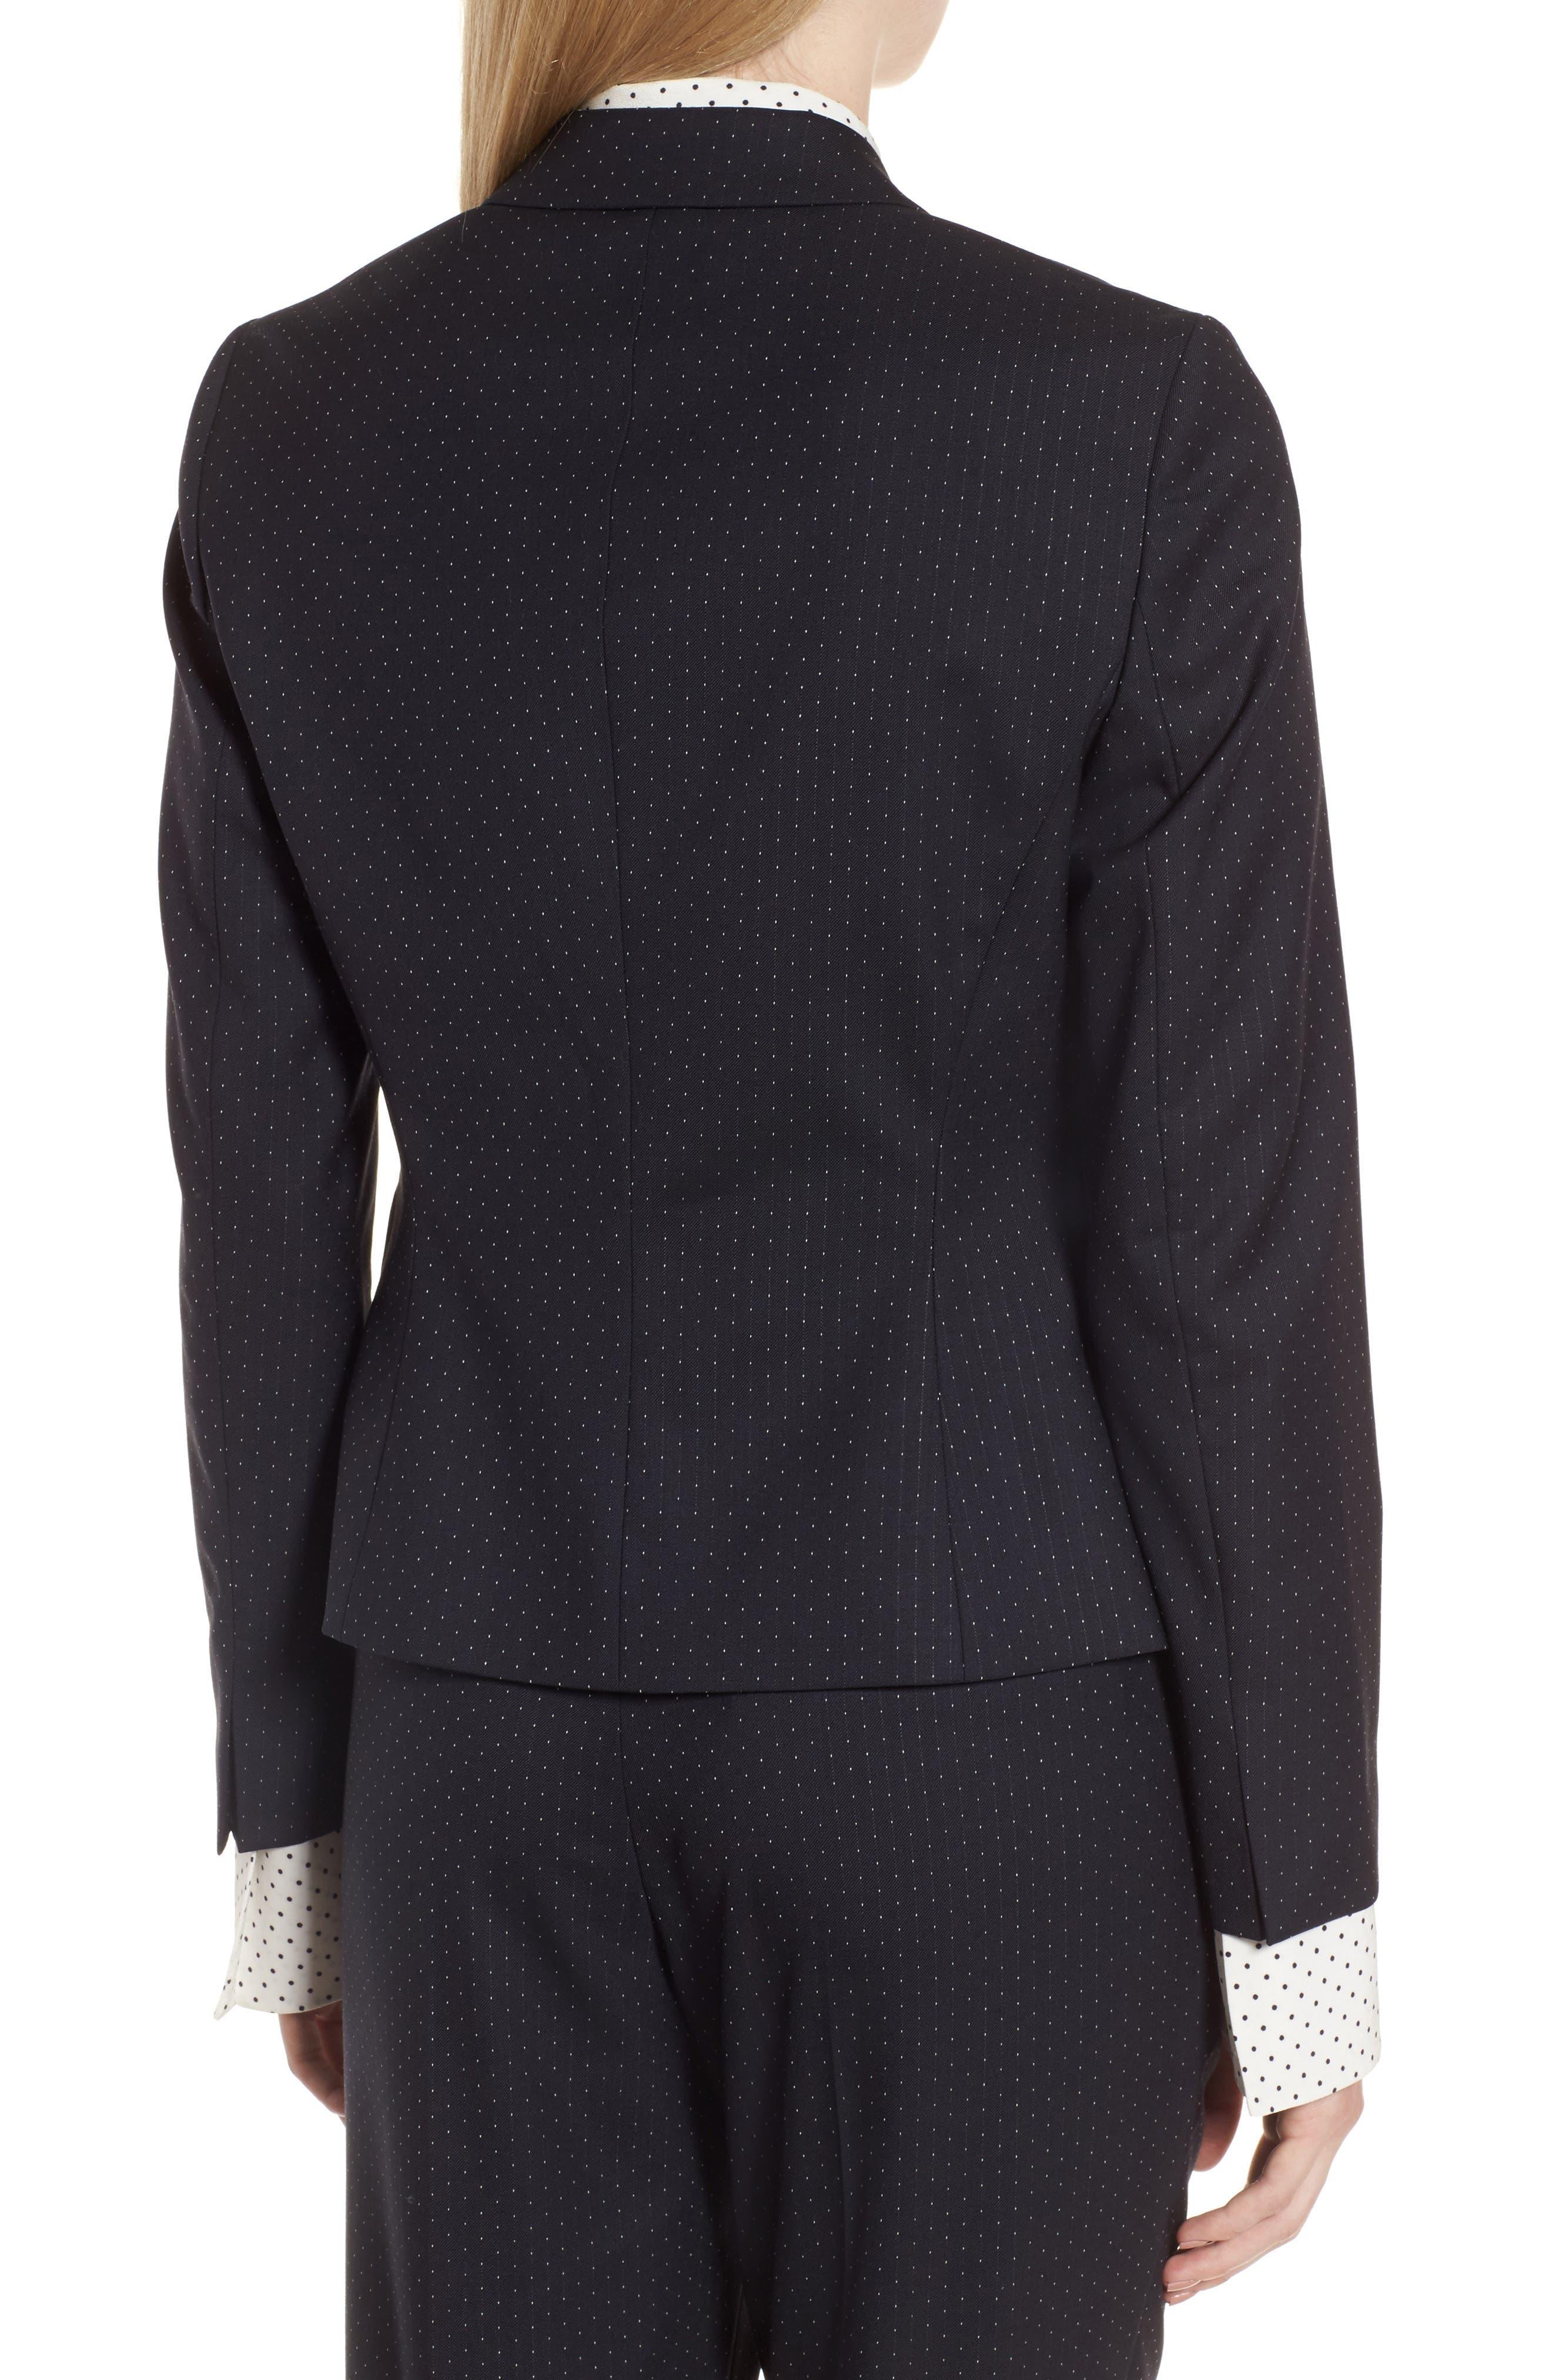 Jinalika Wool Suit Jacket,                             Alternate thumbnail 2, color,